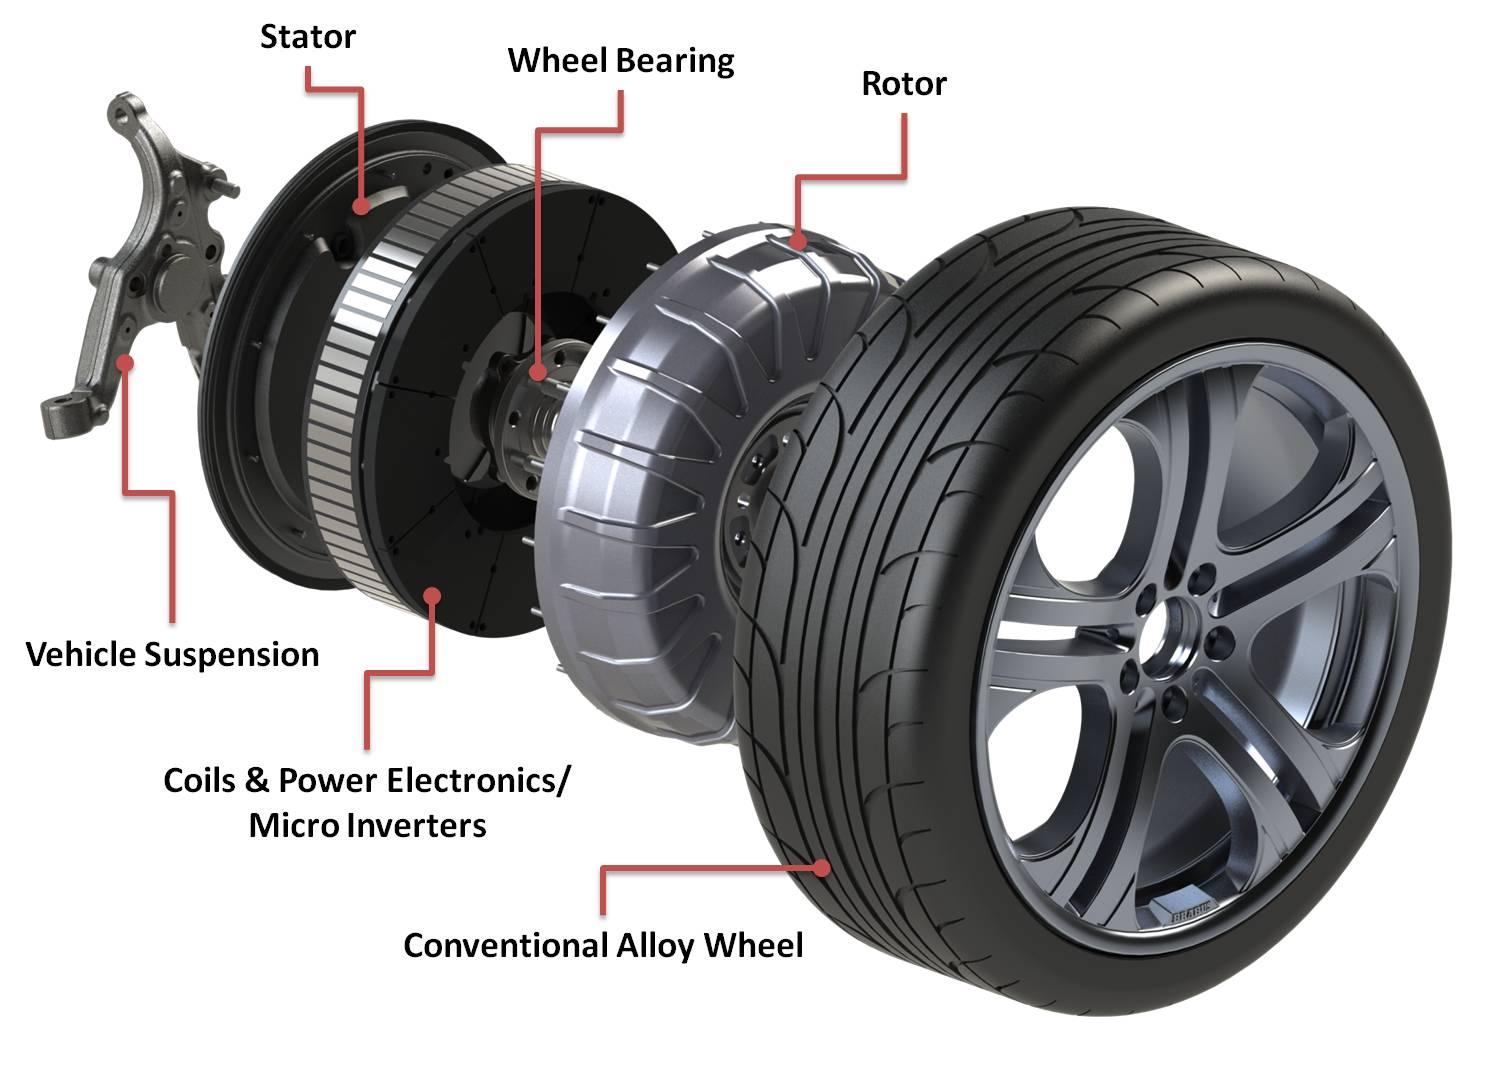 Protean Electric показал в ролике, на что способна ее система ProteanDrive – колесо с тормозом, электроникой, управляющим блоком и электрическим мотором. Данной системой оснастили бывший Saab (NEVS 9-3 EV) и продемонстрировали разворот на месте.